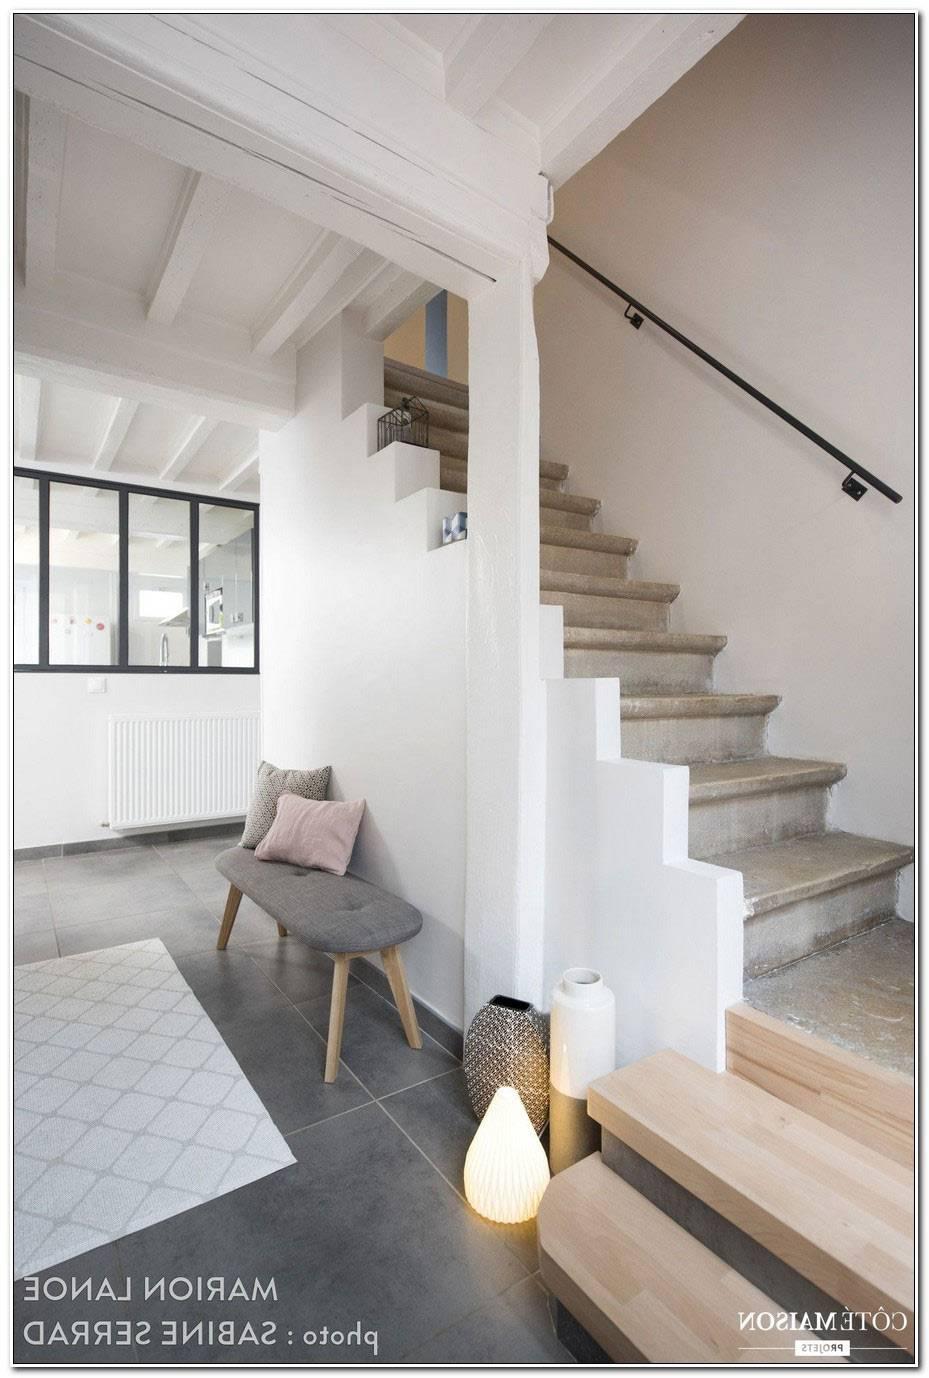 Escalier Entre Maison Interieur